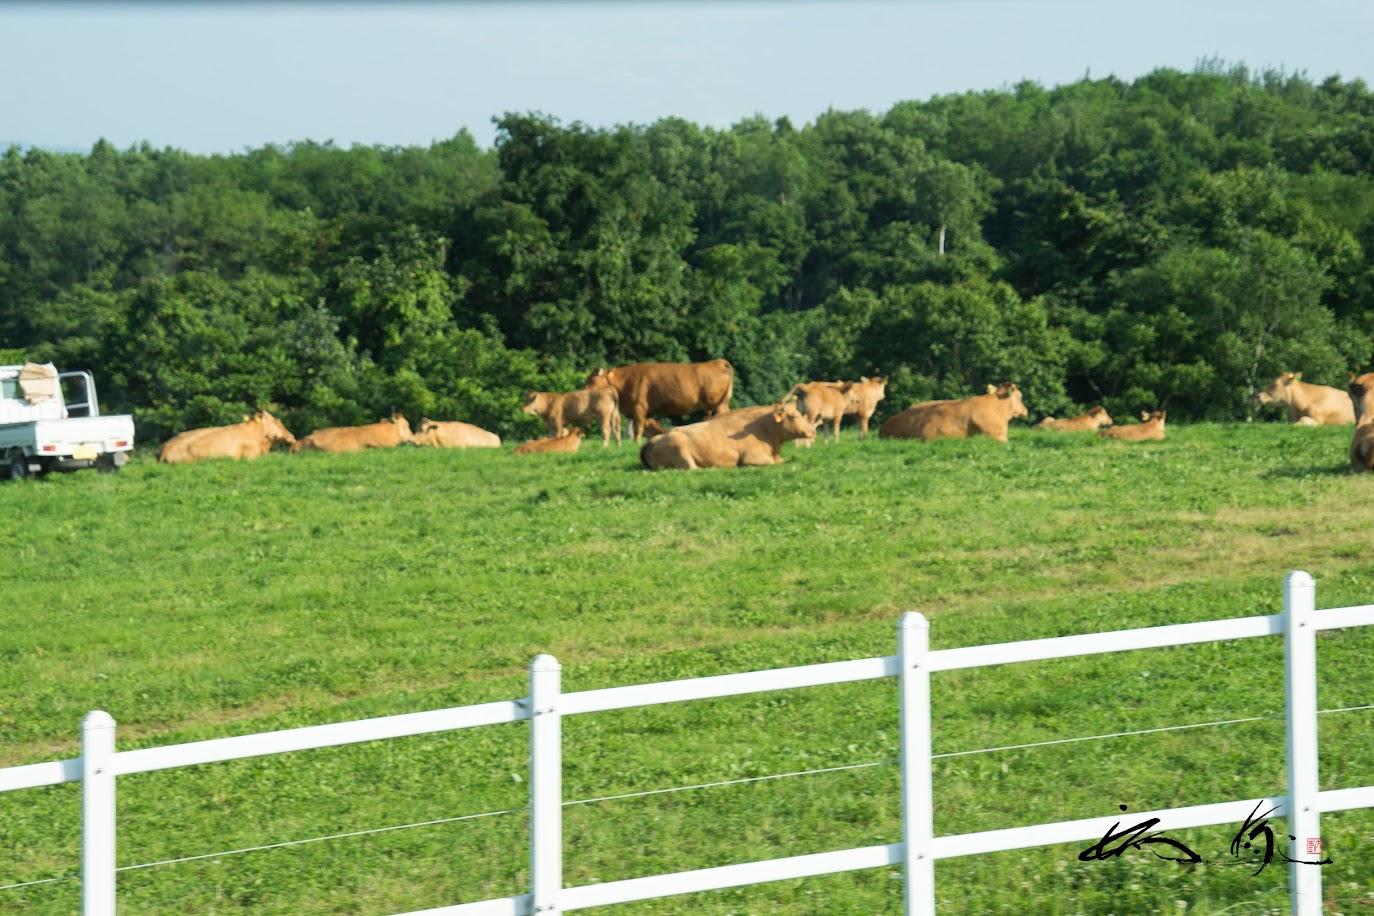 のんびり横たわる赤毛和牛さん